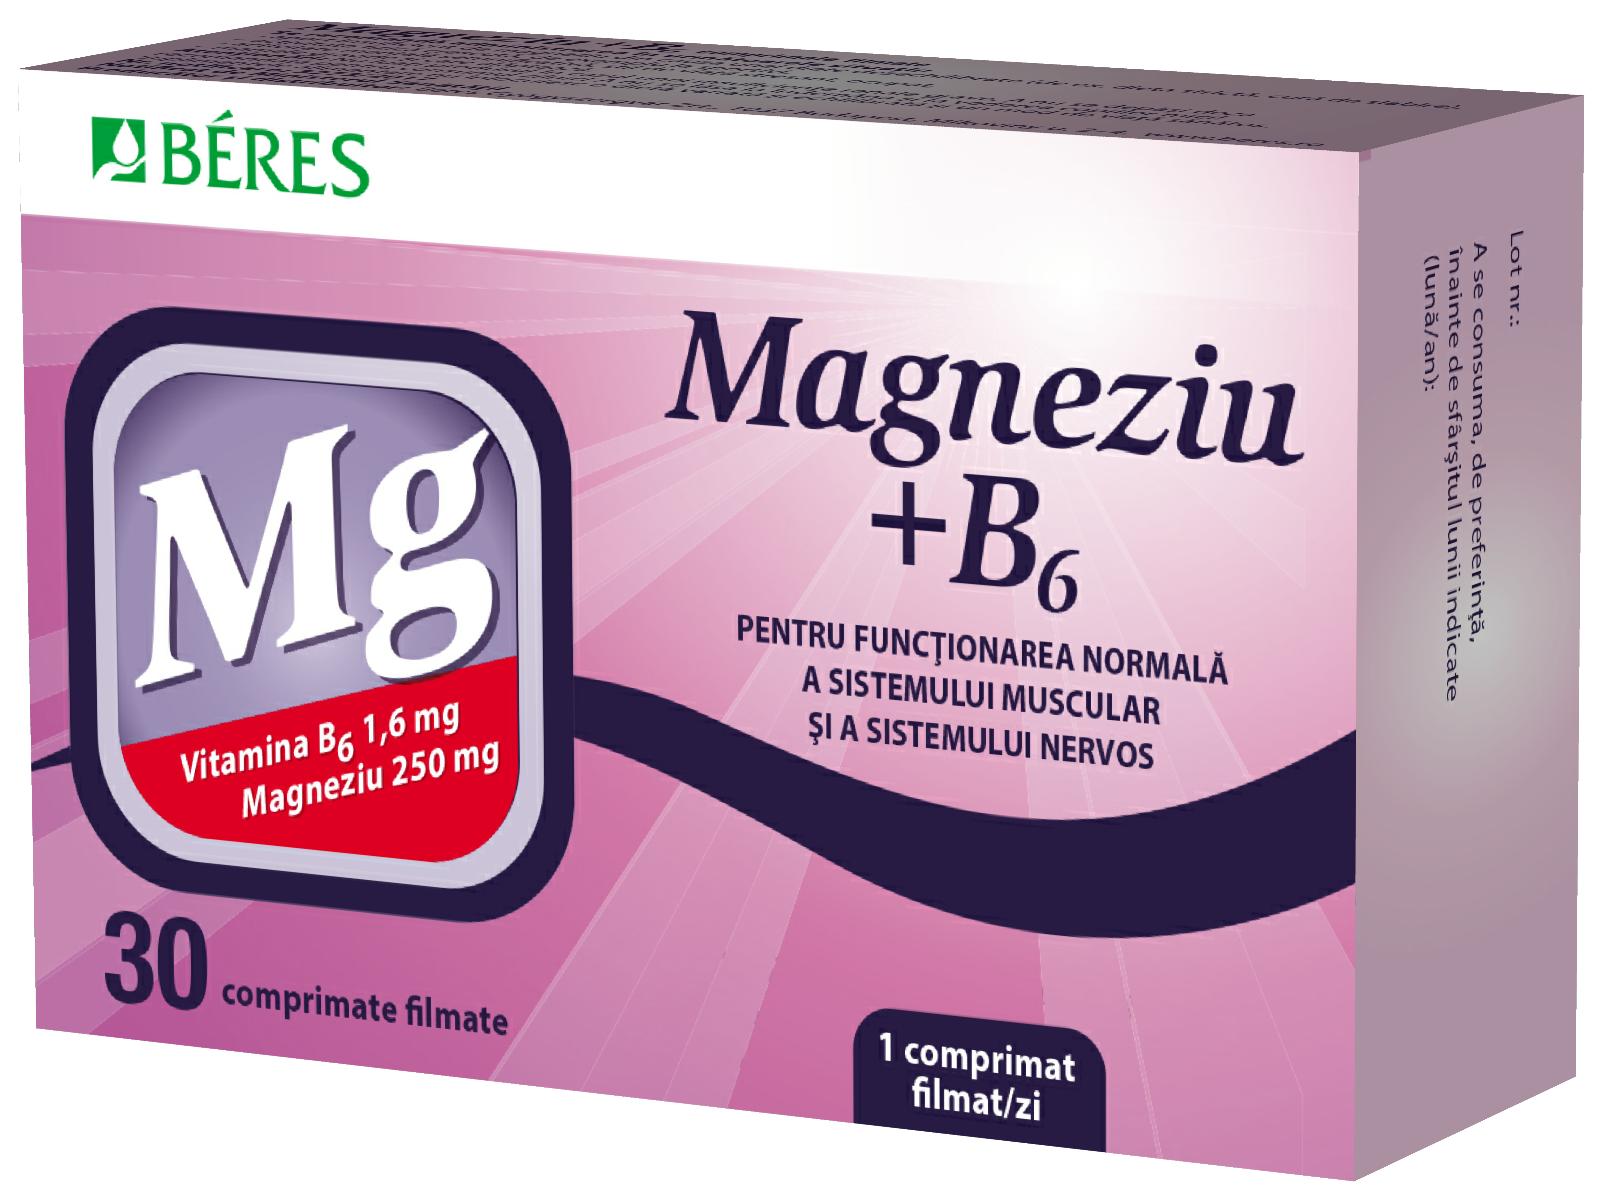 Magneziu + B6, 30 comprimate, Beres drmax poza